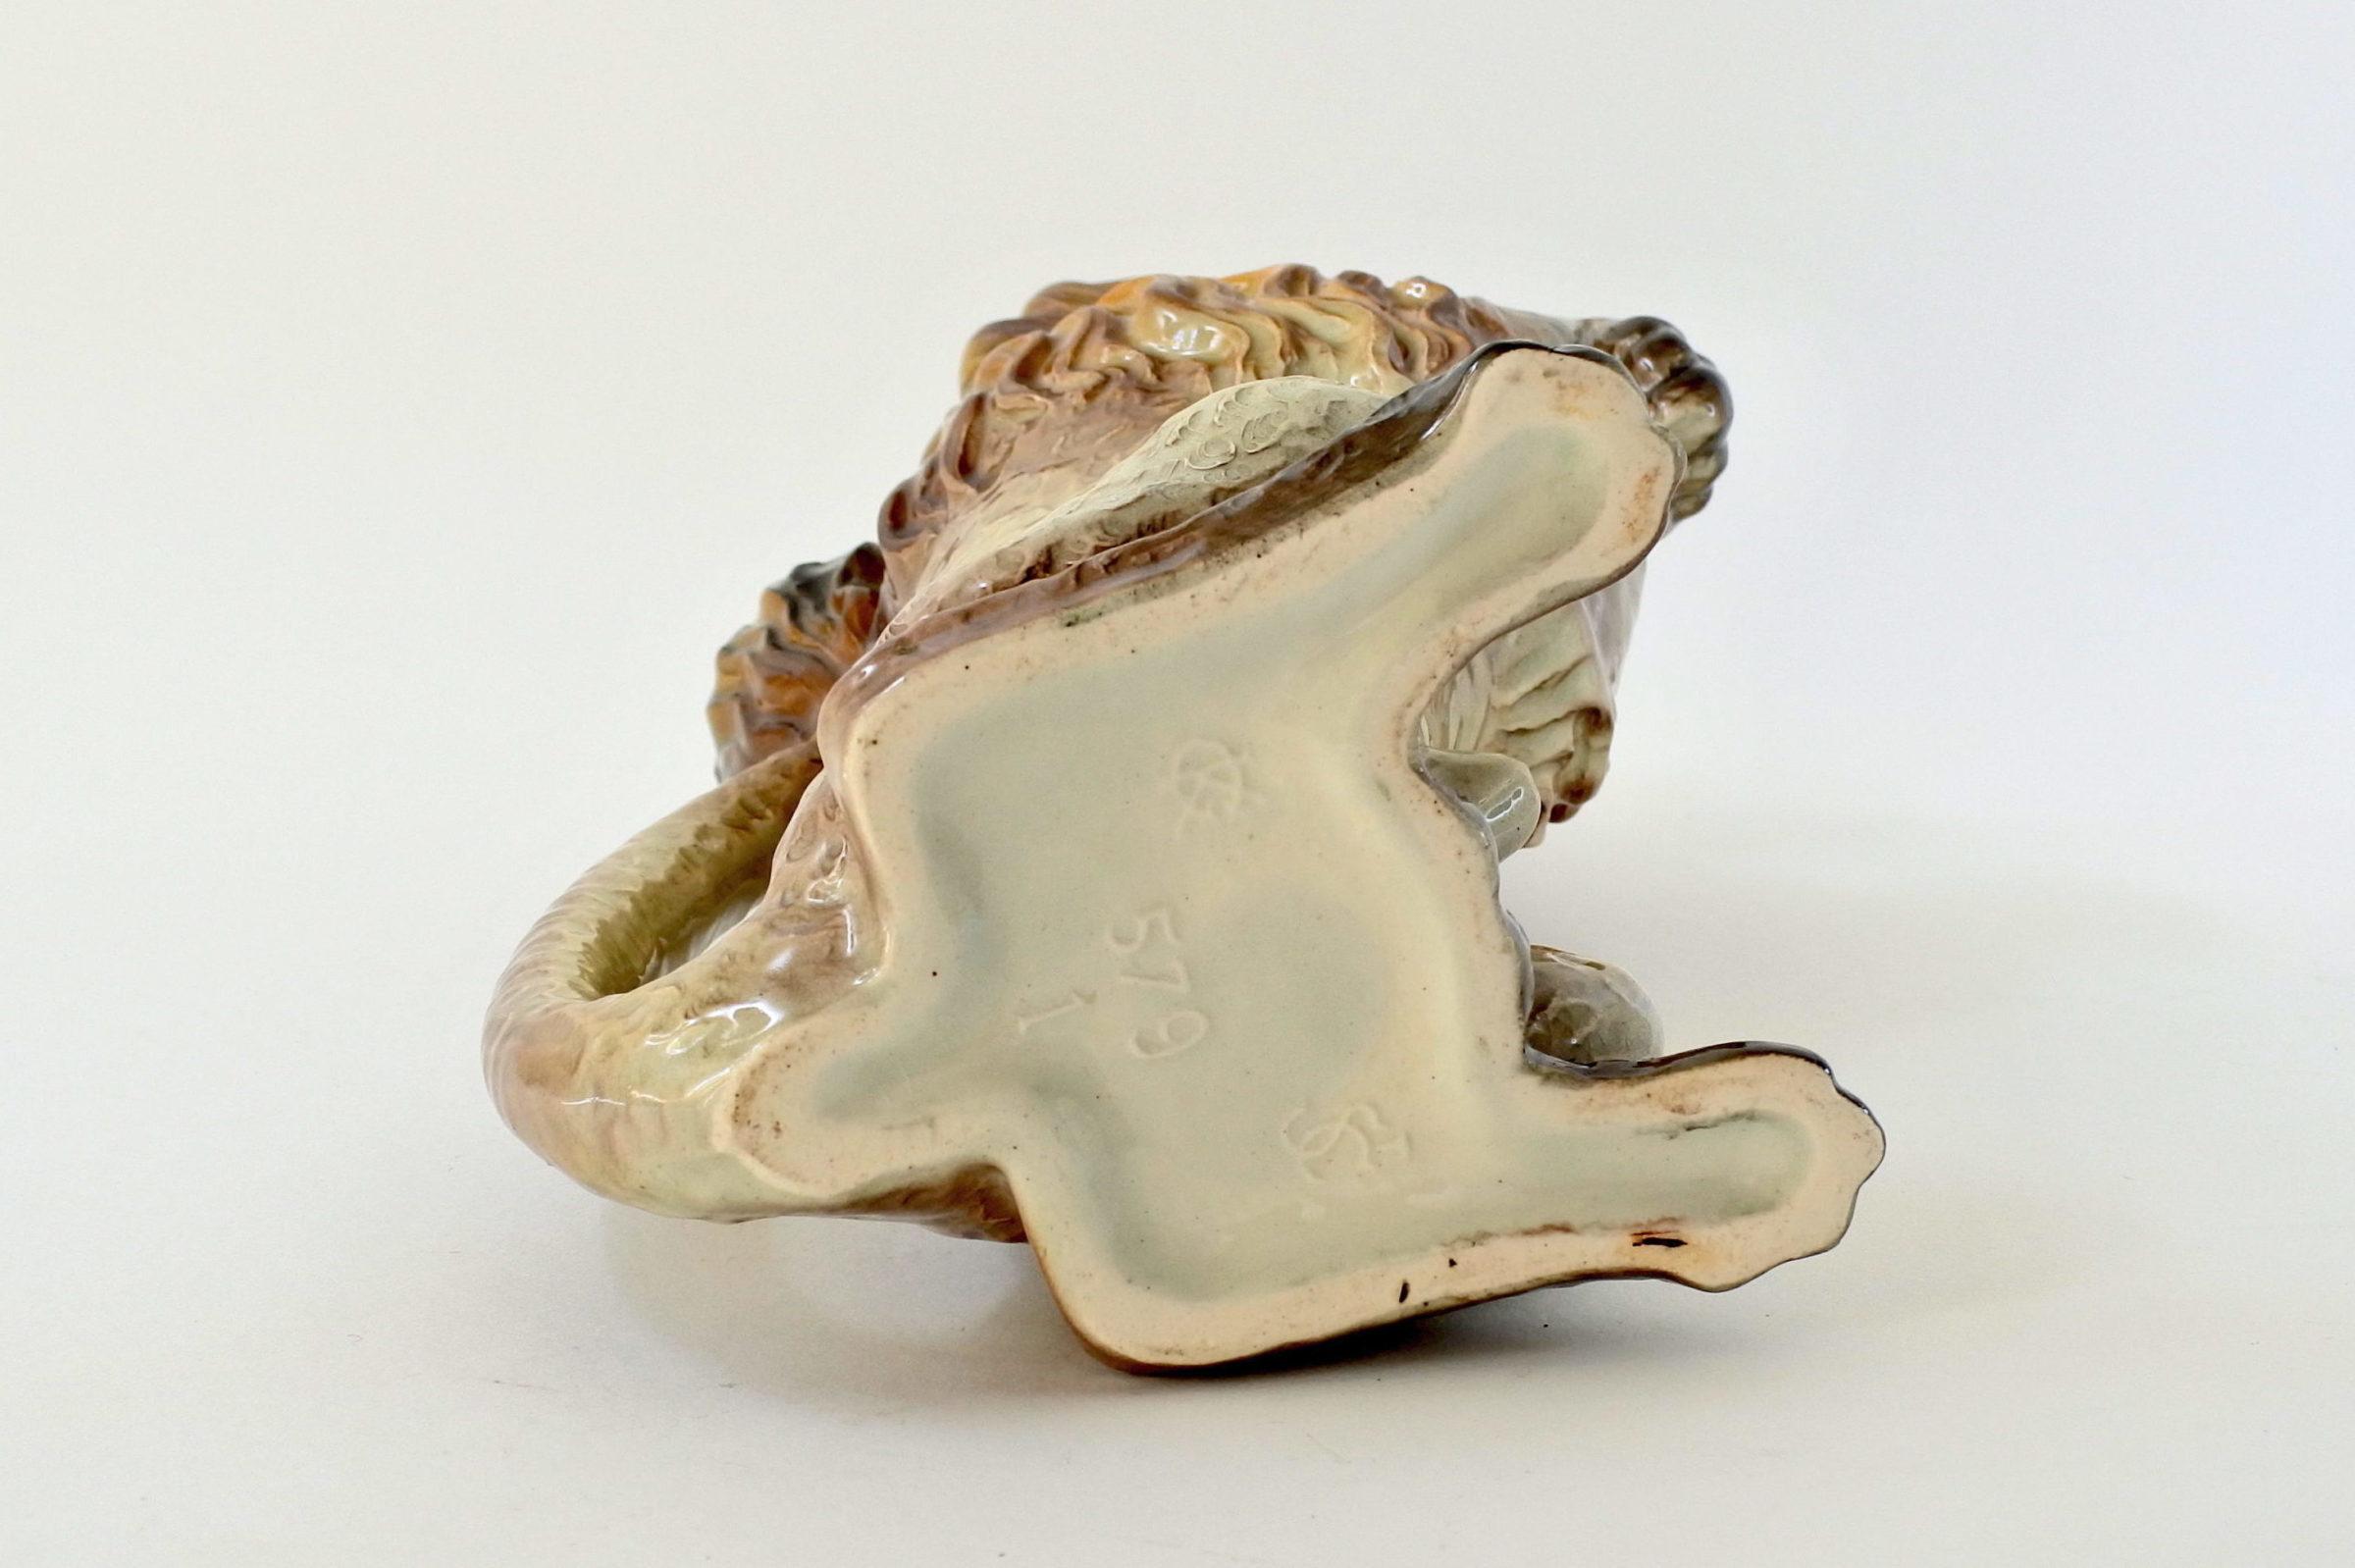 Brocca in ceramica barbotine con forma di barboncino - 6